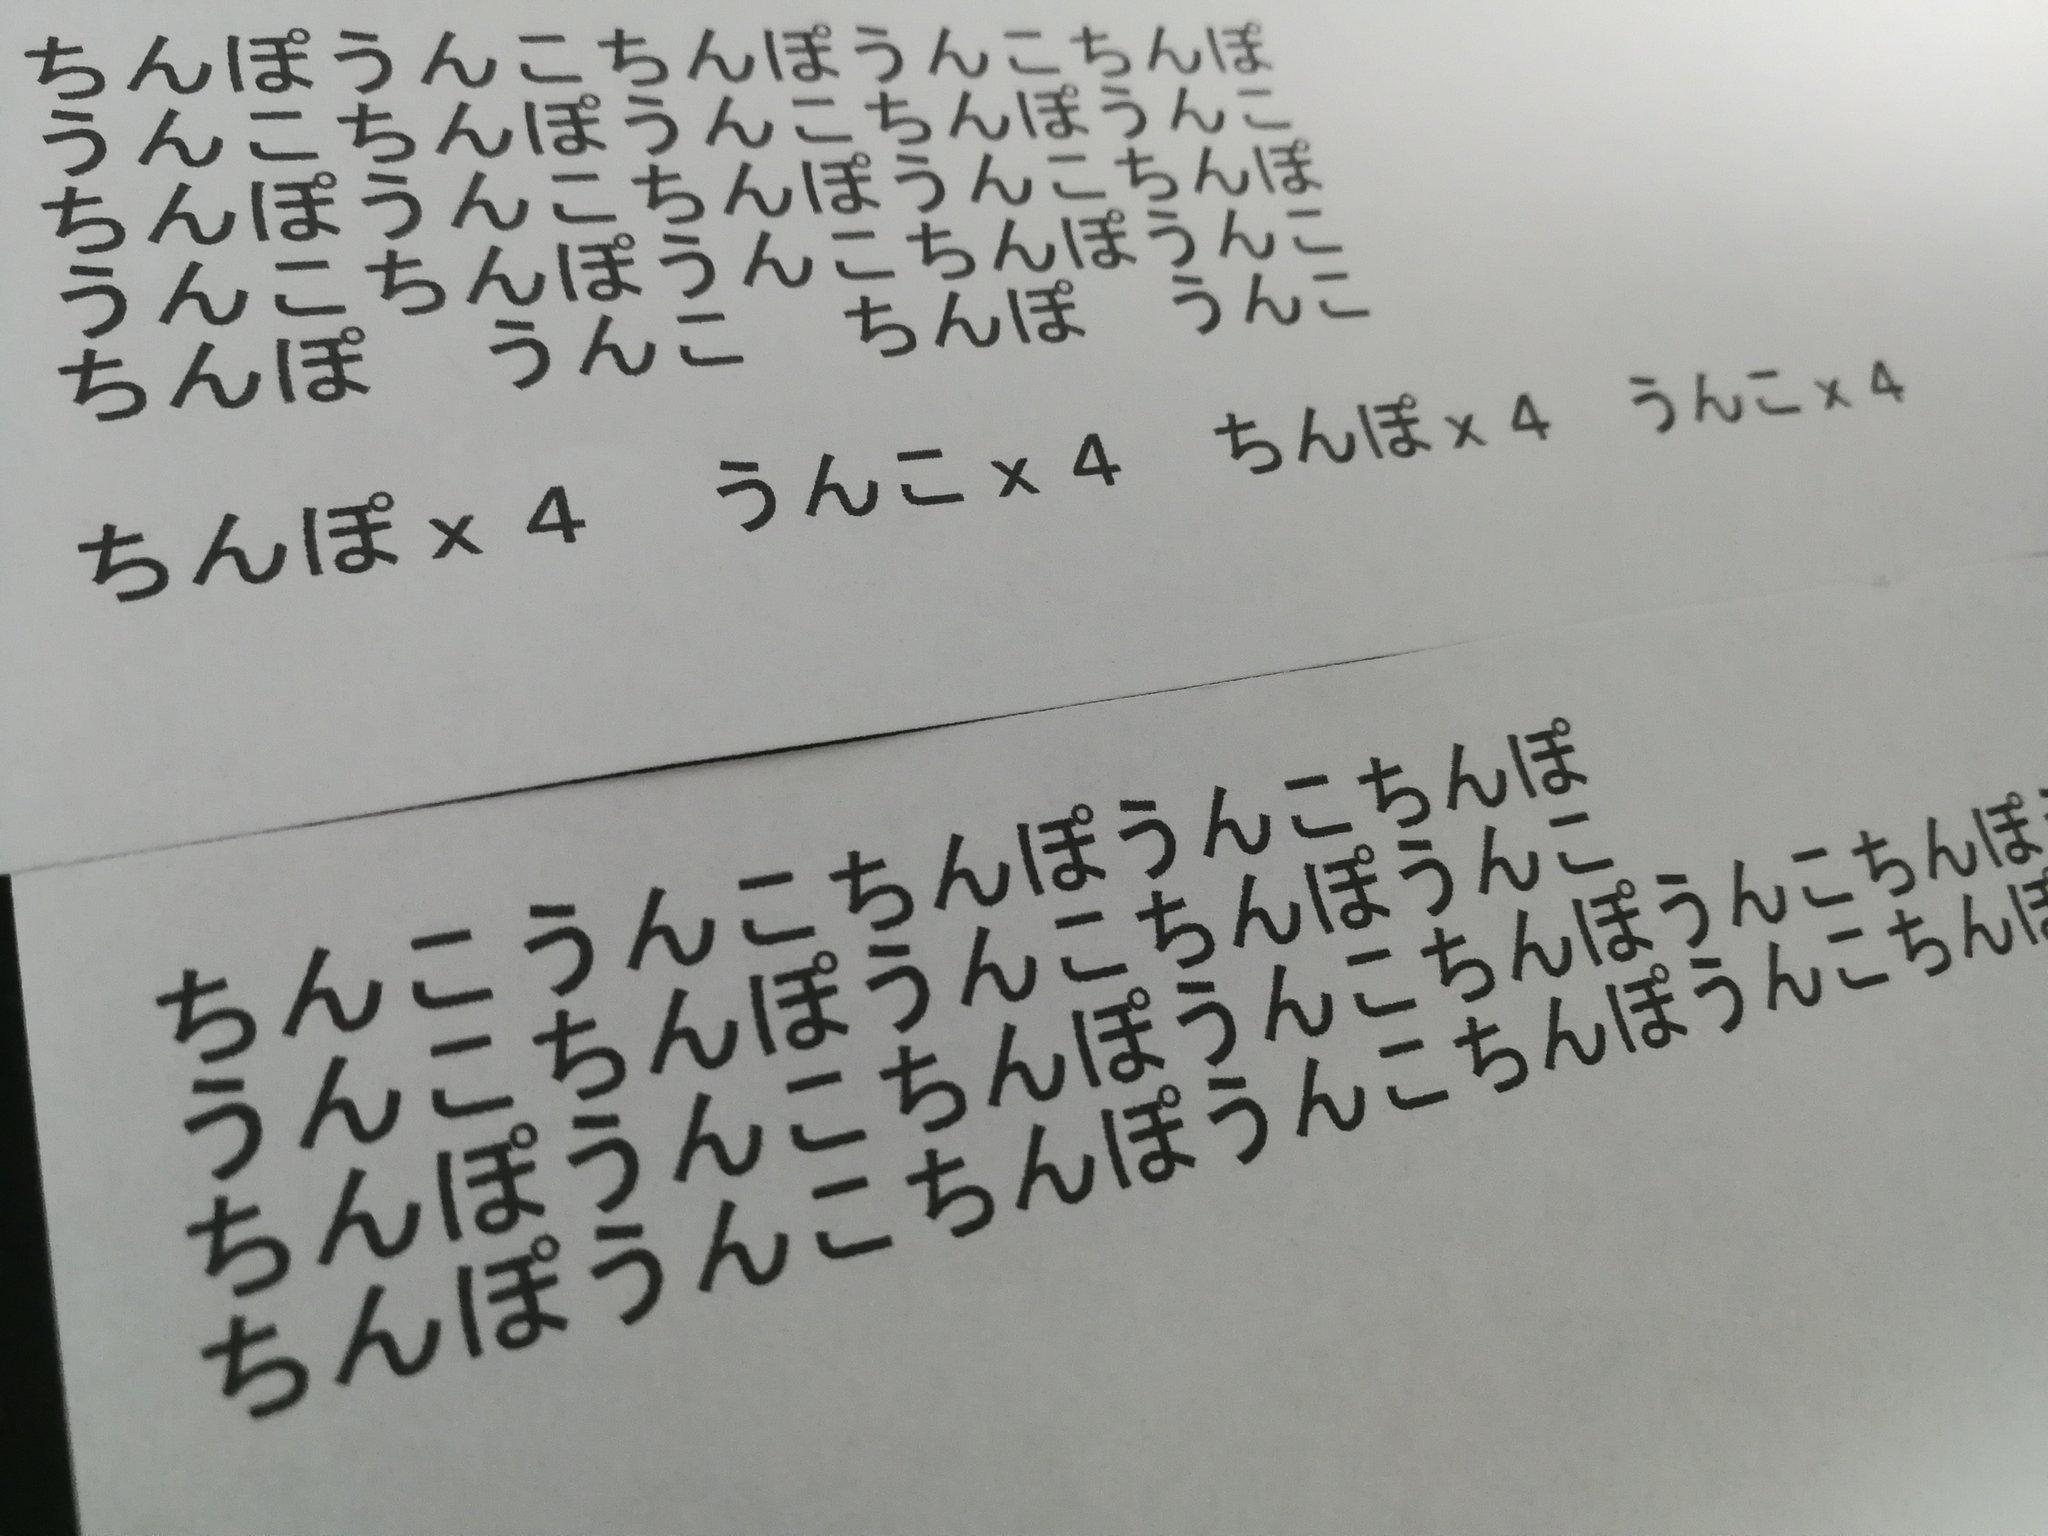 ナイツ ナイト 歌詞 オブ ピコ ピコピコ★ナイトオブギャラクシー